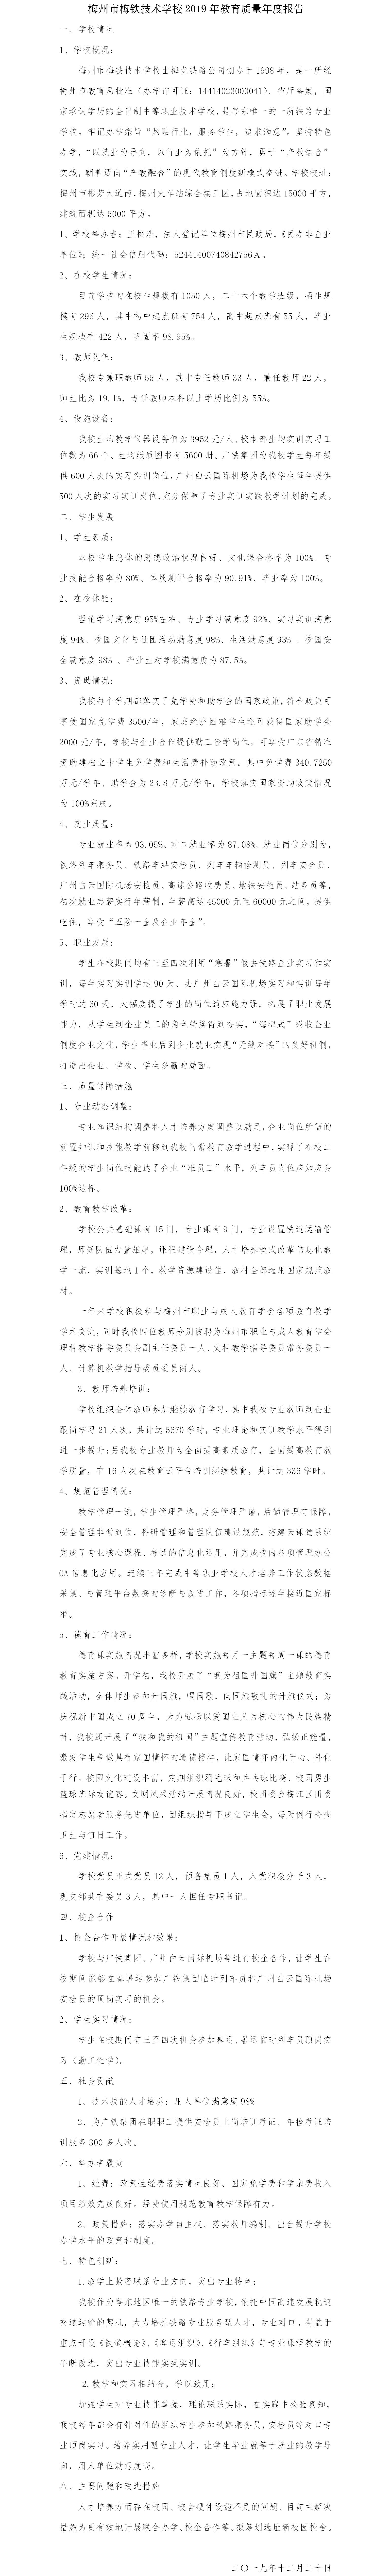 梅州市梅铁技术学校2019年年报编制2019-12-31